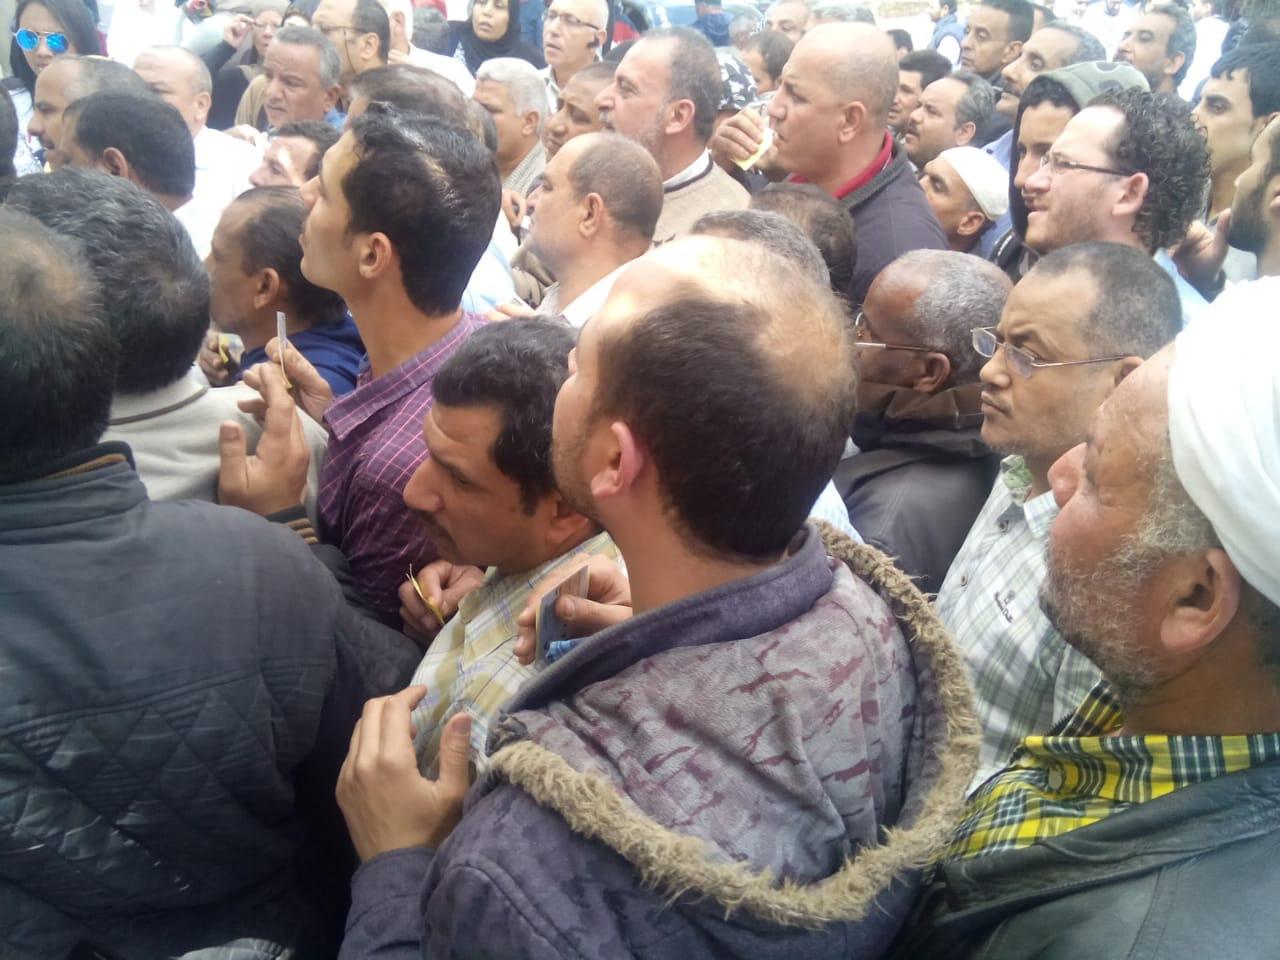 عمال هيئة النقل العام بالقاهرة يشاركون فى استفتاء الدستور (9)